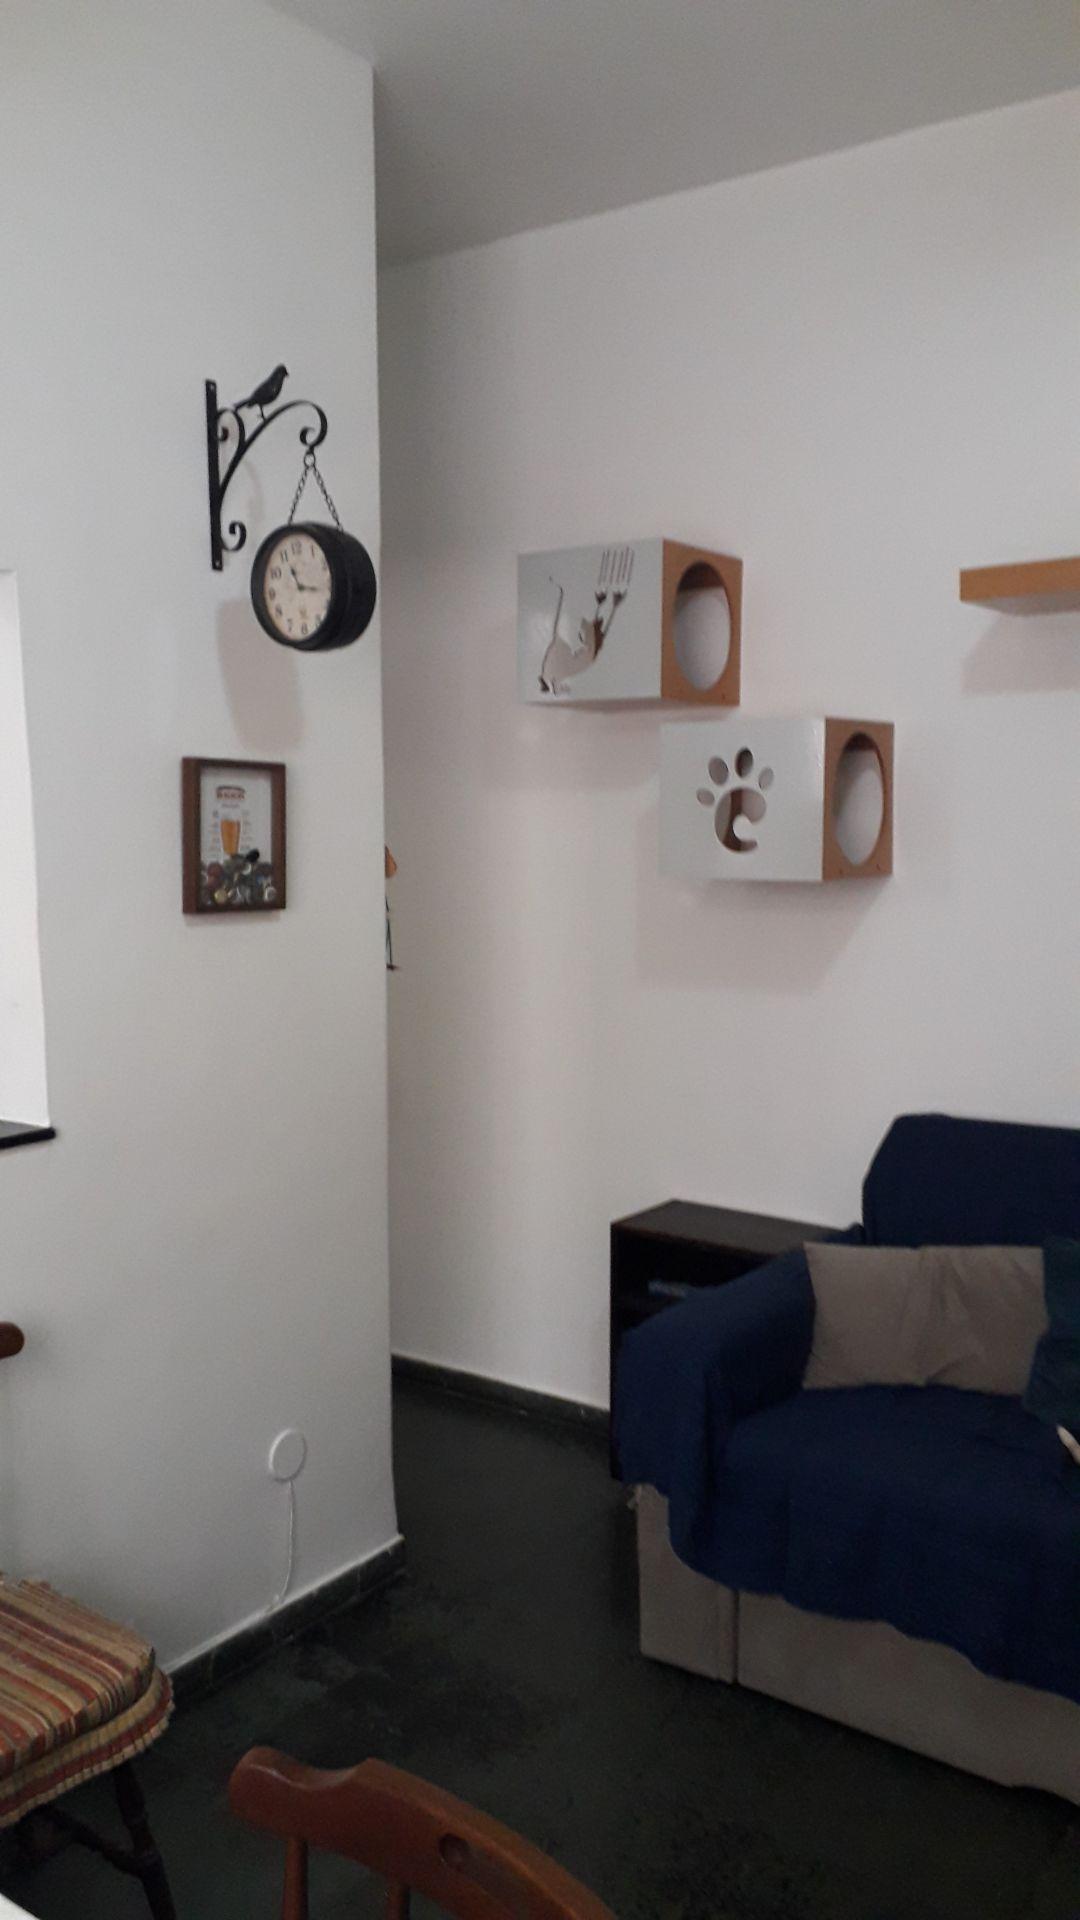 SALA - Apartamento Rua visconde de santa isabel,Grajaú, Grajaú,Rio de Janeiro, RJ À Venda, 2 Quartos, 59m² - 000484 - 11